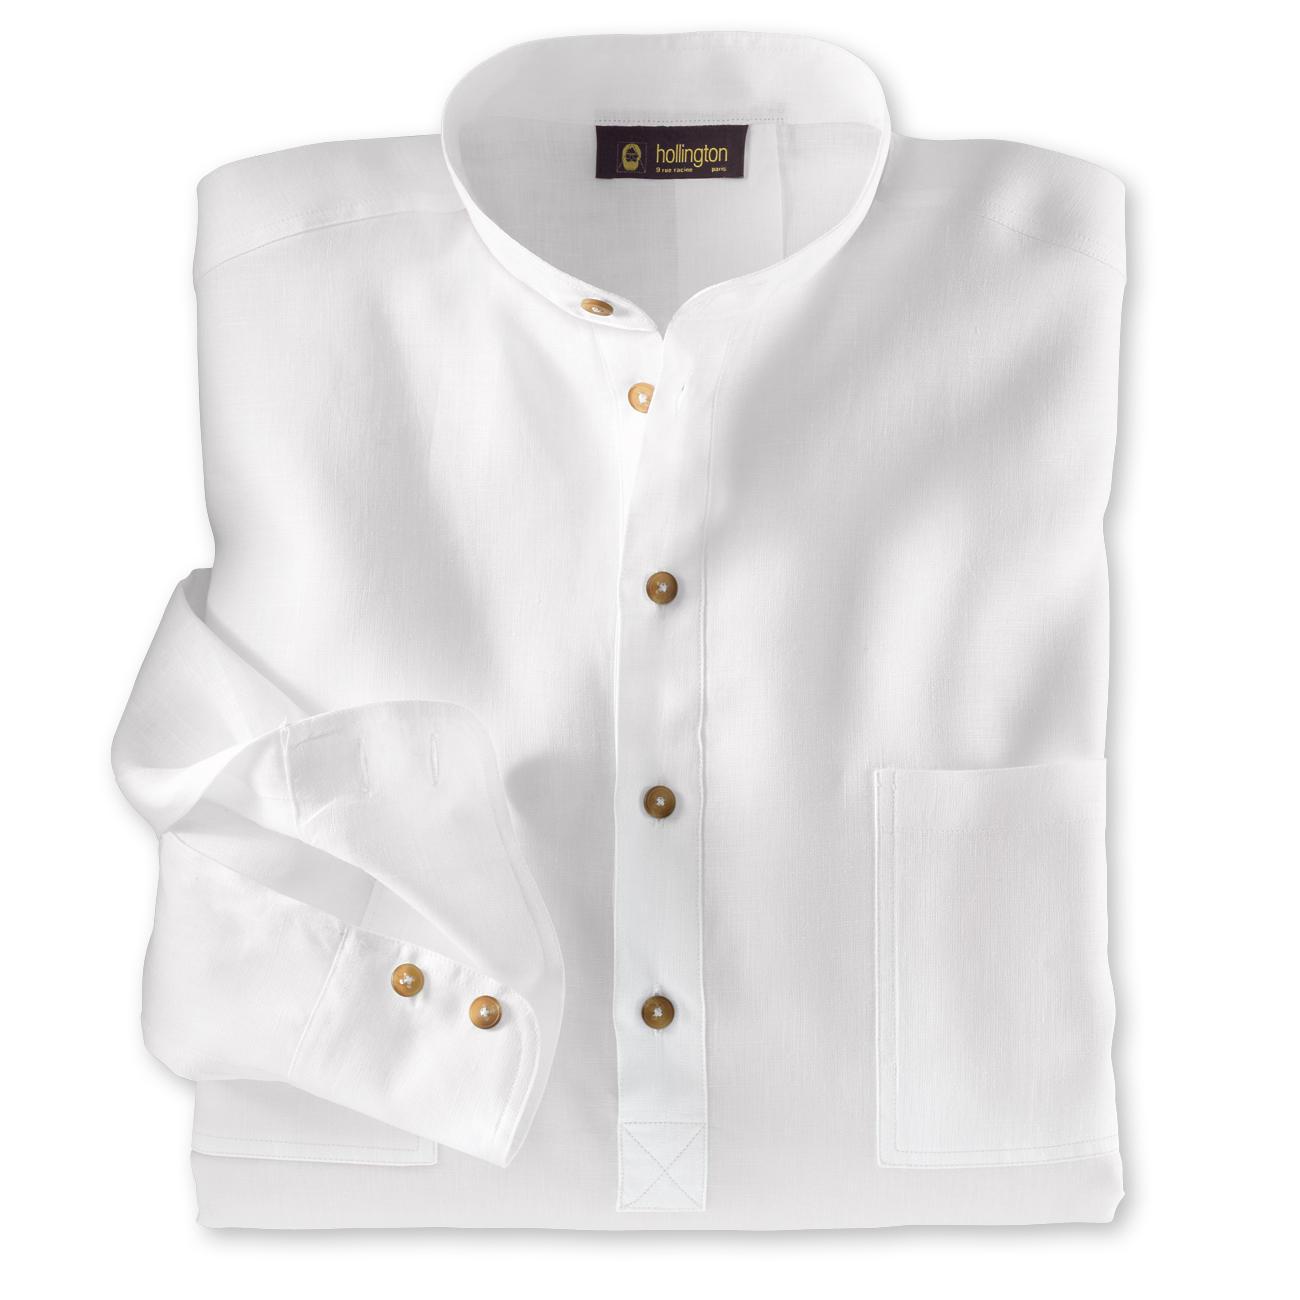 Buy Nehru Shirt Linen 3 Year Product Guarantee